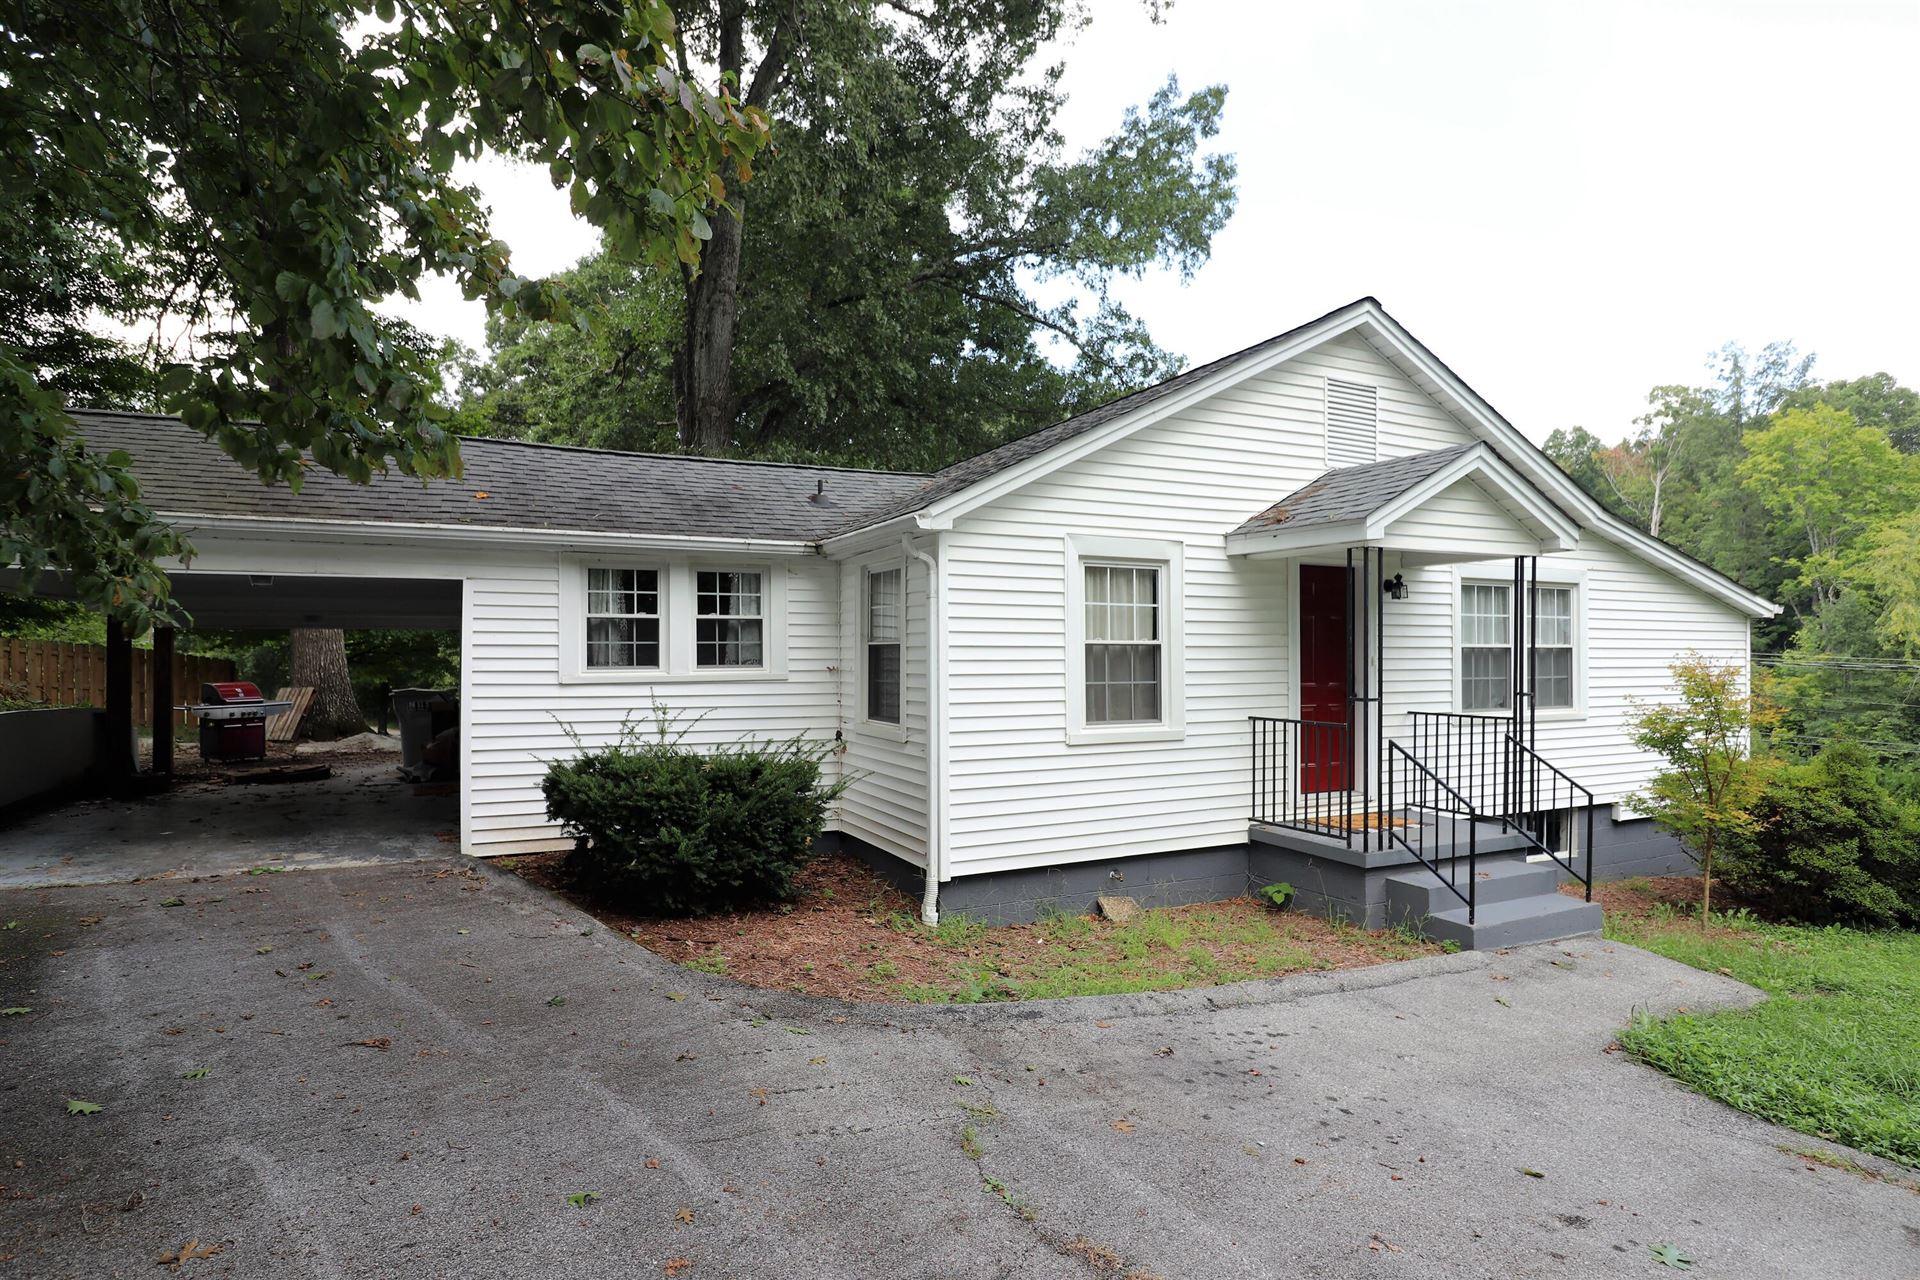 Photo of 4706 Mullendore St, Maryville, TN 37804 (MLS # 1167426)